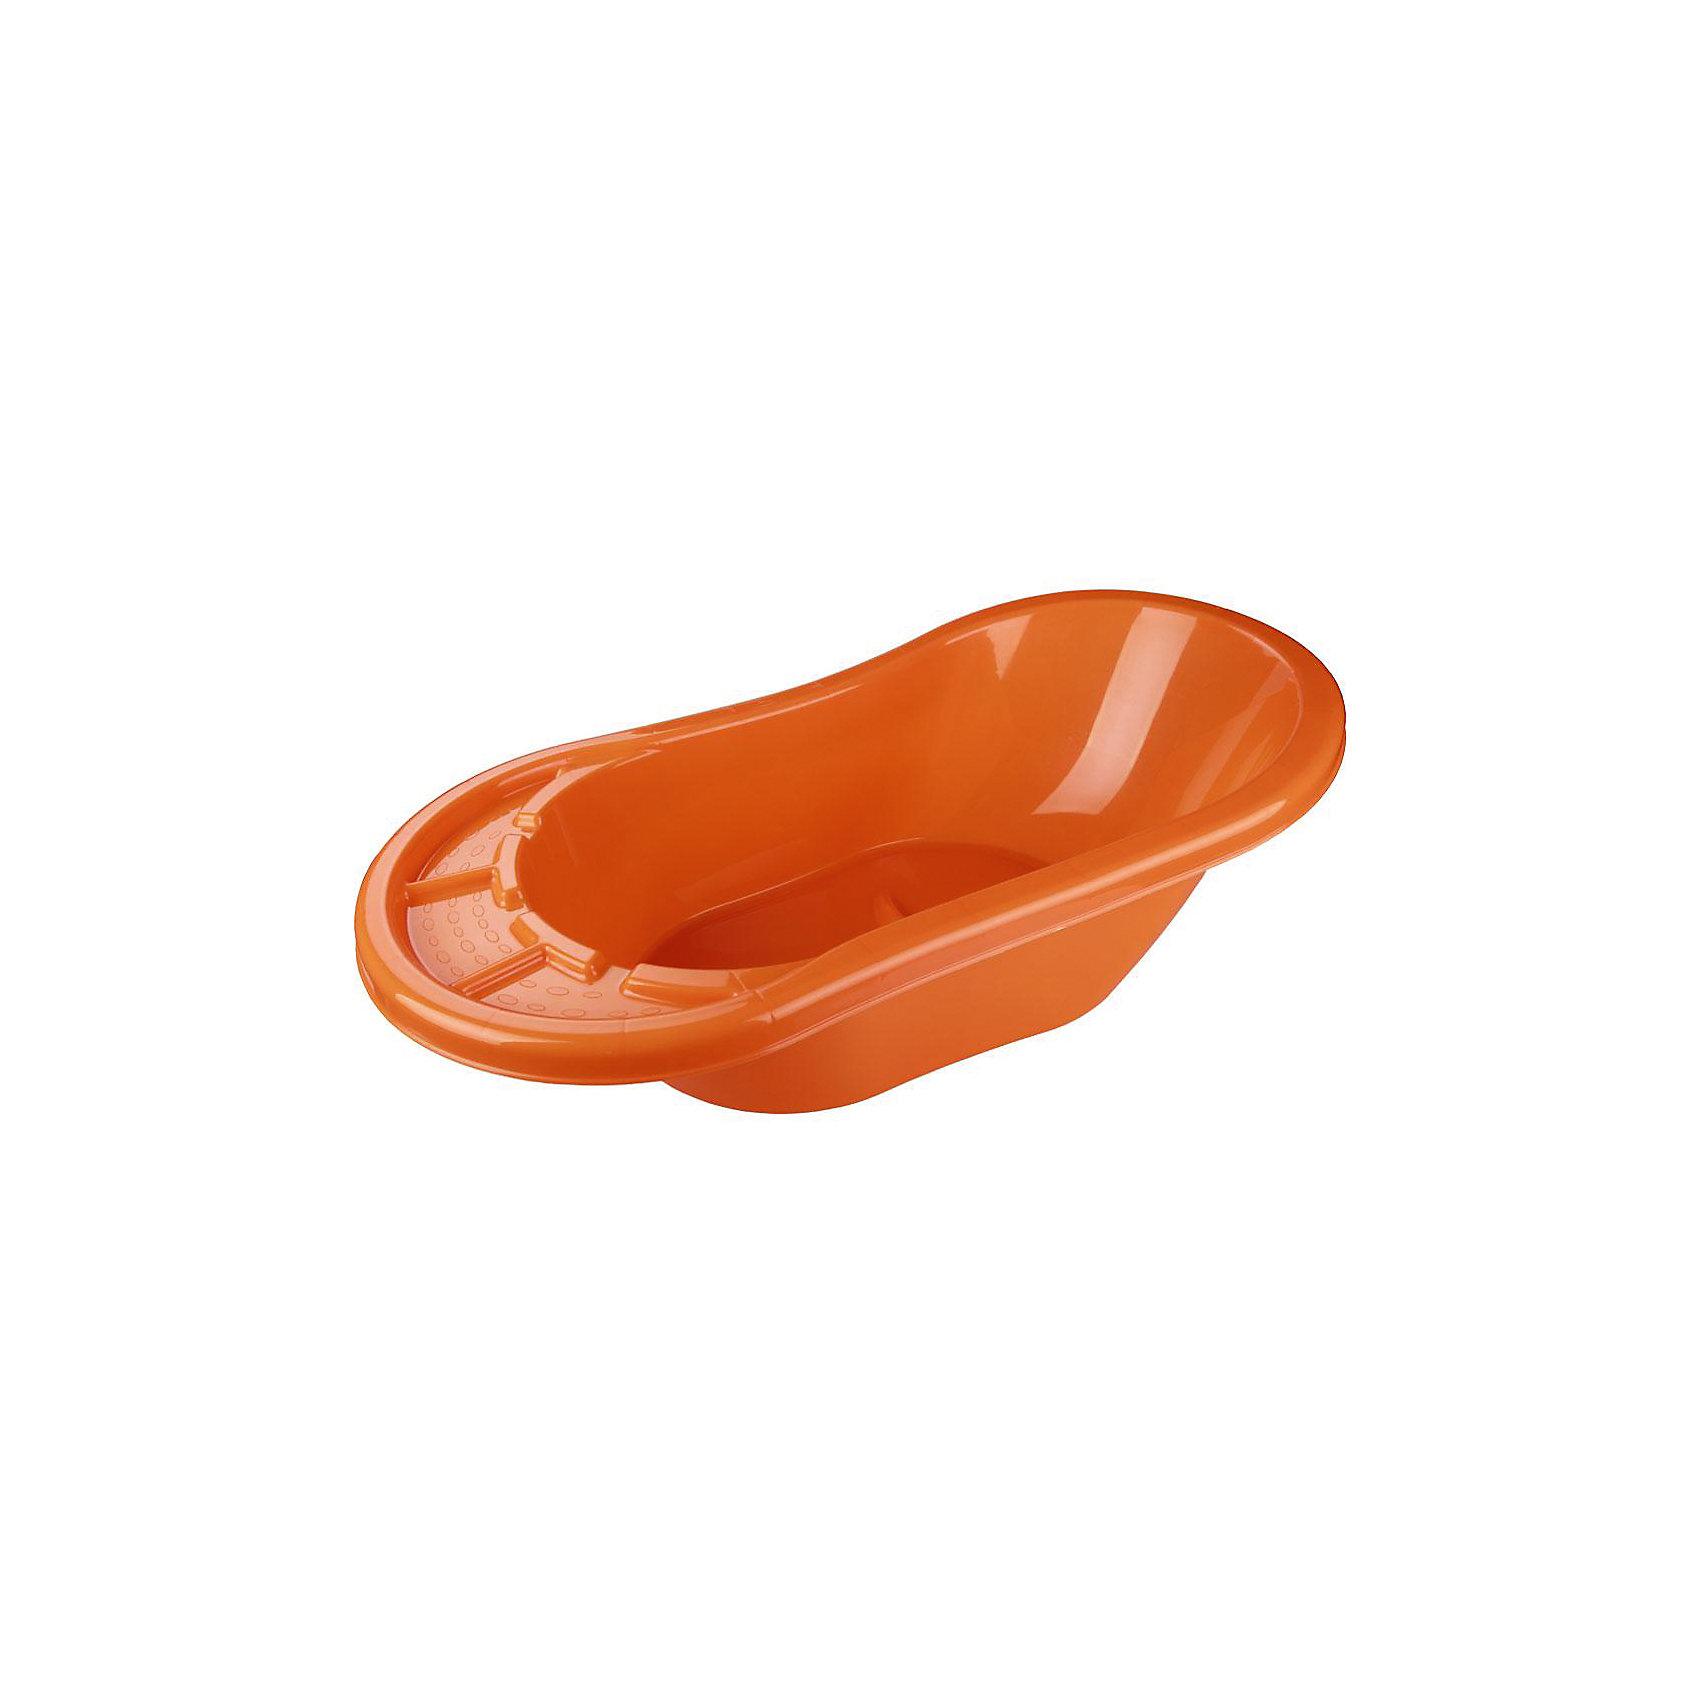 Ванночка Карапуз , Alternativa, оранжевыйВанны, горки, сиденья<br>С самого рождения чистота и гигиена очень важны для здоровья ребёнка. Ванночка Карапуз, Alternativa, оранжевый отлично подойдет для ежедневных купаний. Ванночка изготовлена из прочного и безопасного для малыша пластика. Так же ванночка имеет удобную подставку для мыла или любых других предметов. <br><br>Дополнительная информация:<br>-Размер(ДхВхШ):88х46х34 см<br>-Цвет: оранжевый<br>-Марка: Alternativa<br><br>Ванночку Карапуз, Alternativa, оранжевый вы можете приобрести в нашем интернет-магазине.<br><br>Ширина мм: 880<br>Глубина мм: 450<br>Высота мм: 250<br>Вес г: 1035<br>Возраст от месяцев: 0<br>Возраст до месяцев: 6<br>Пол: Унисекс<br>Возраст: Детский<br>SKU: 5096502